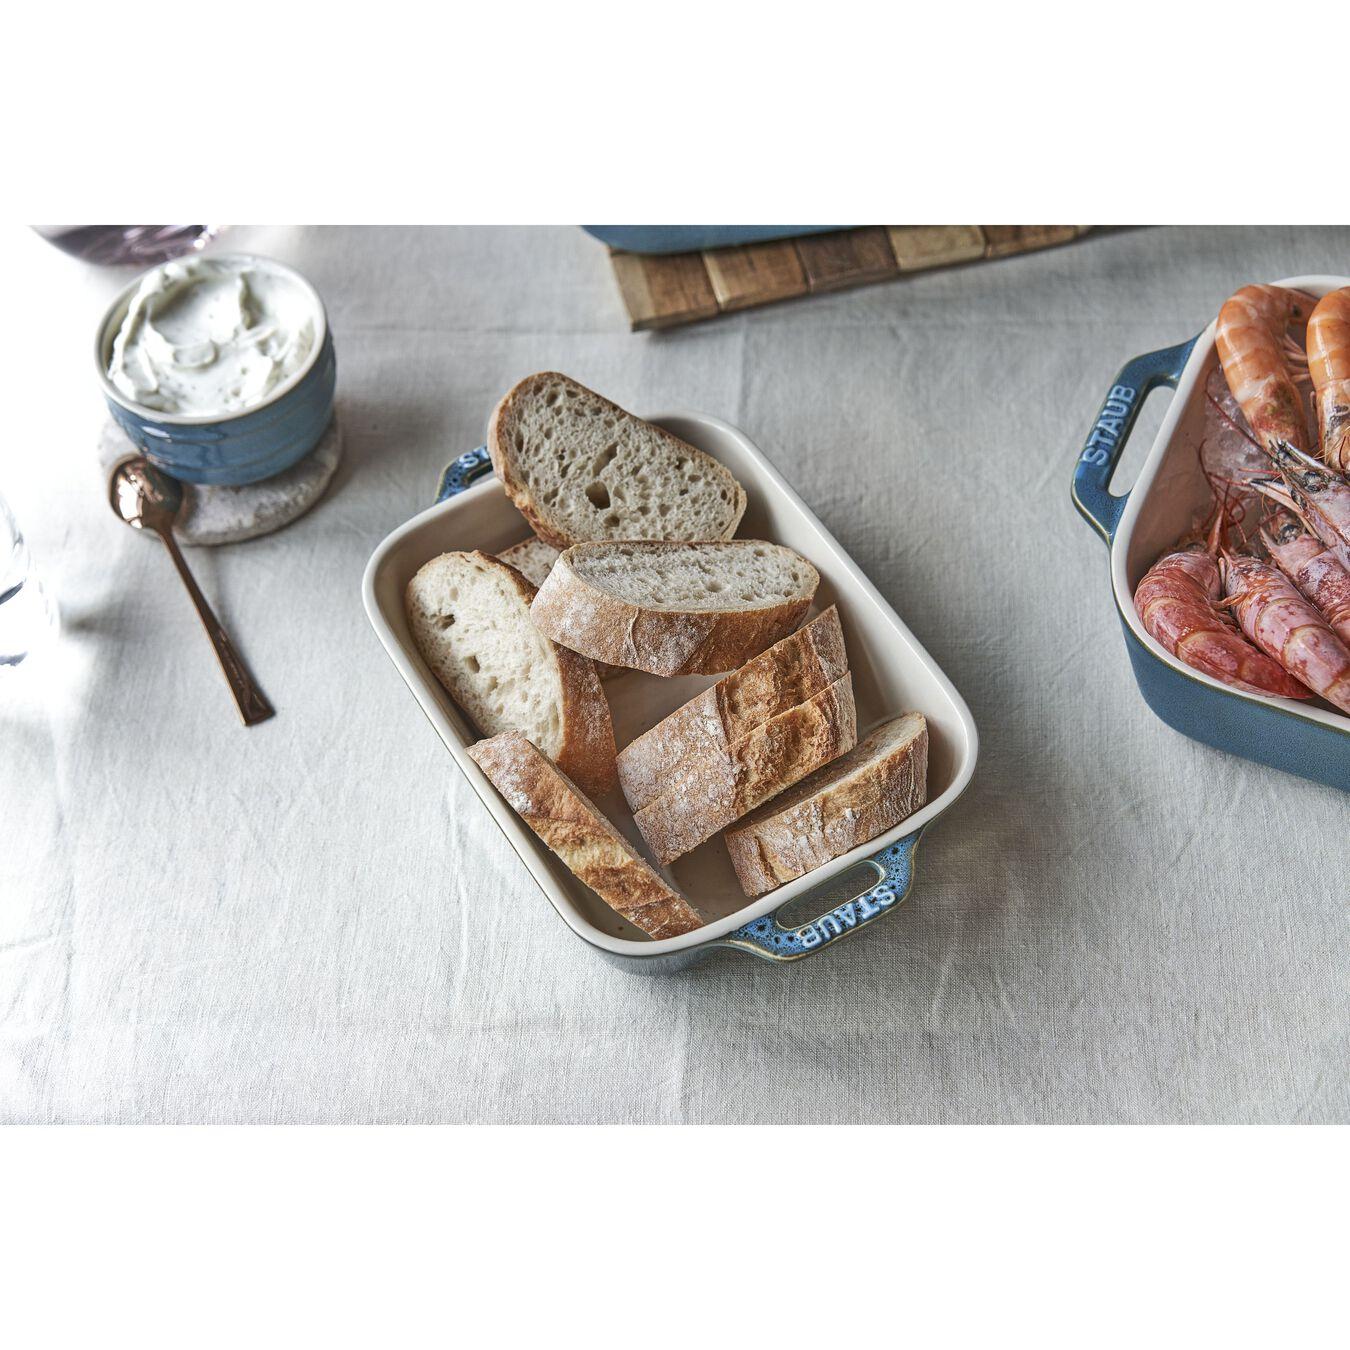 3-pc, Rectangular Baking Dish Set, rustic turquoise,,large 5